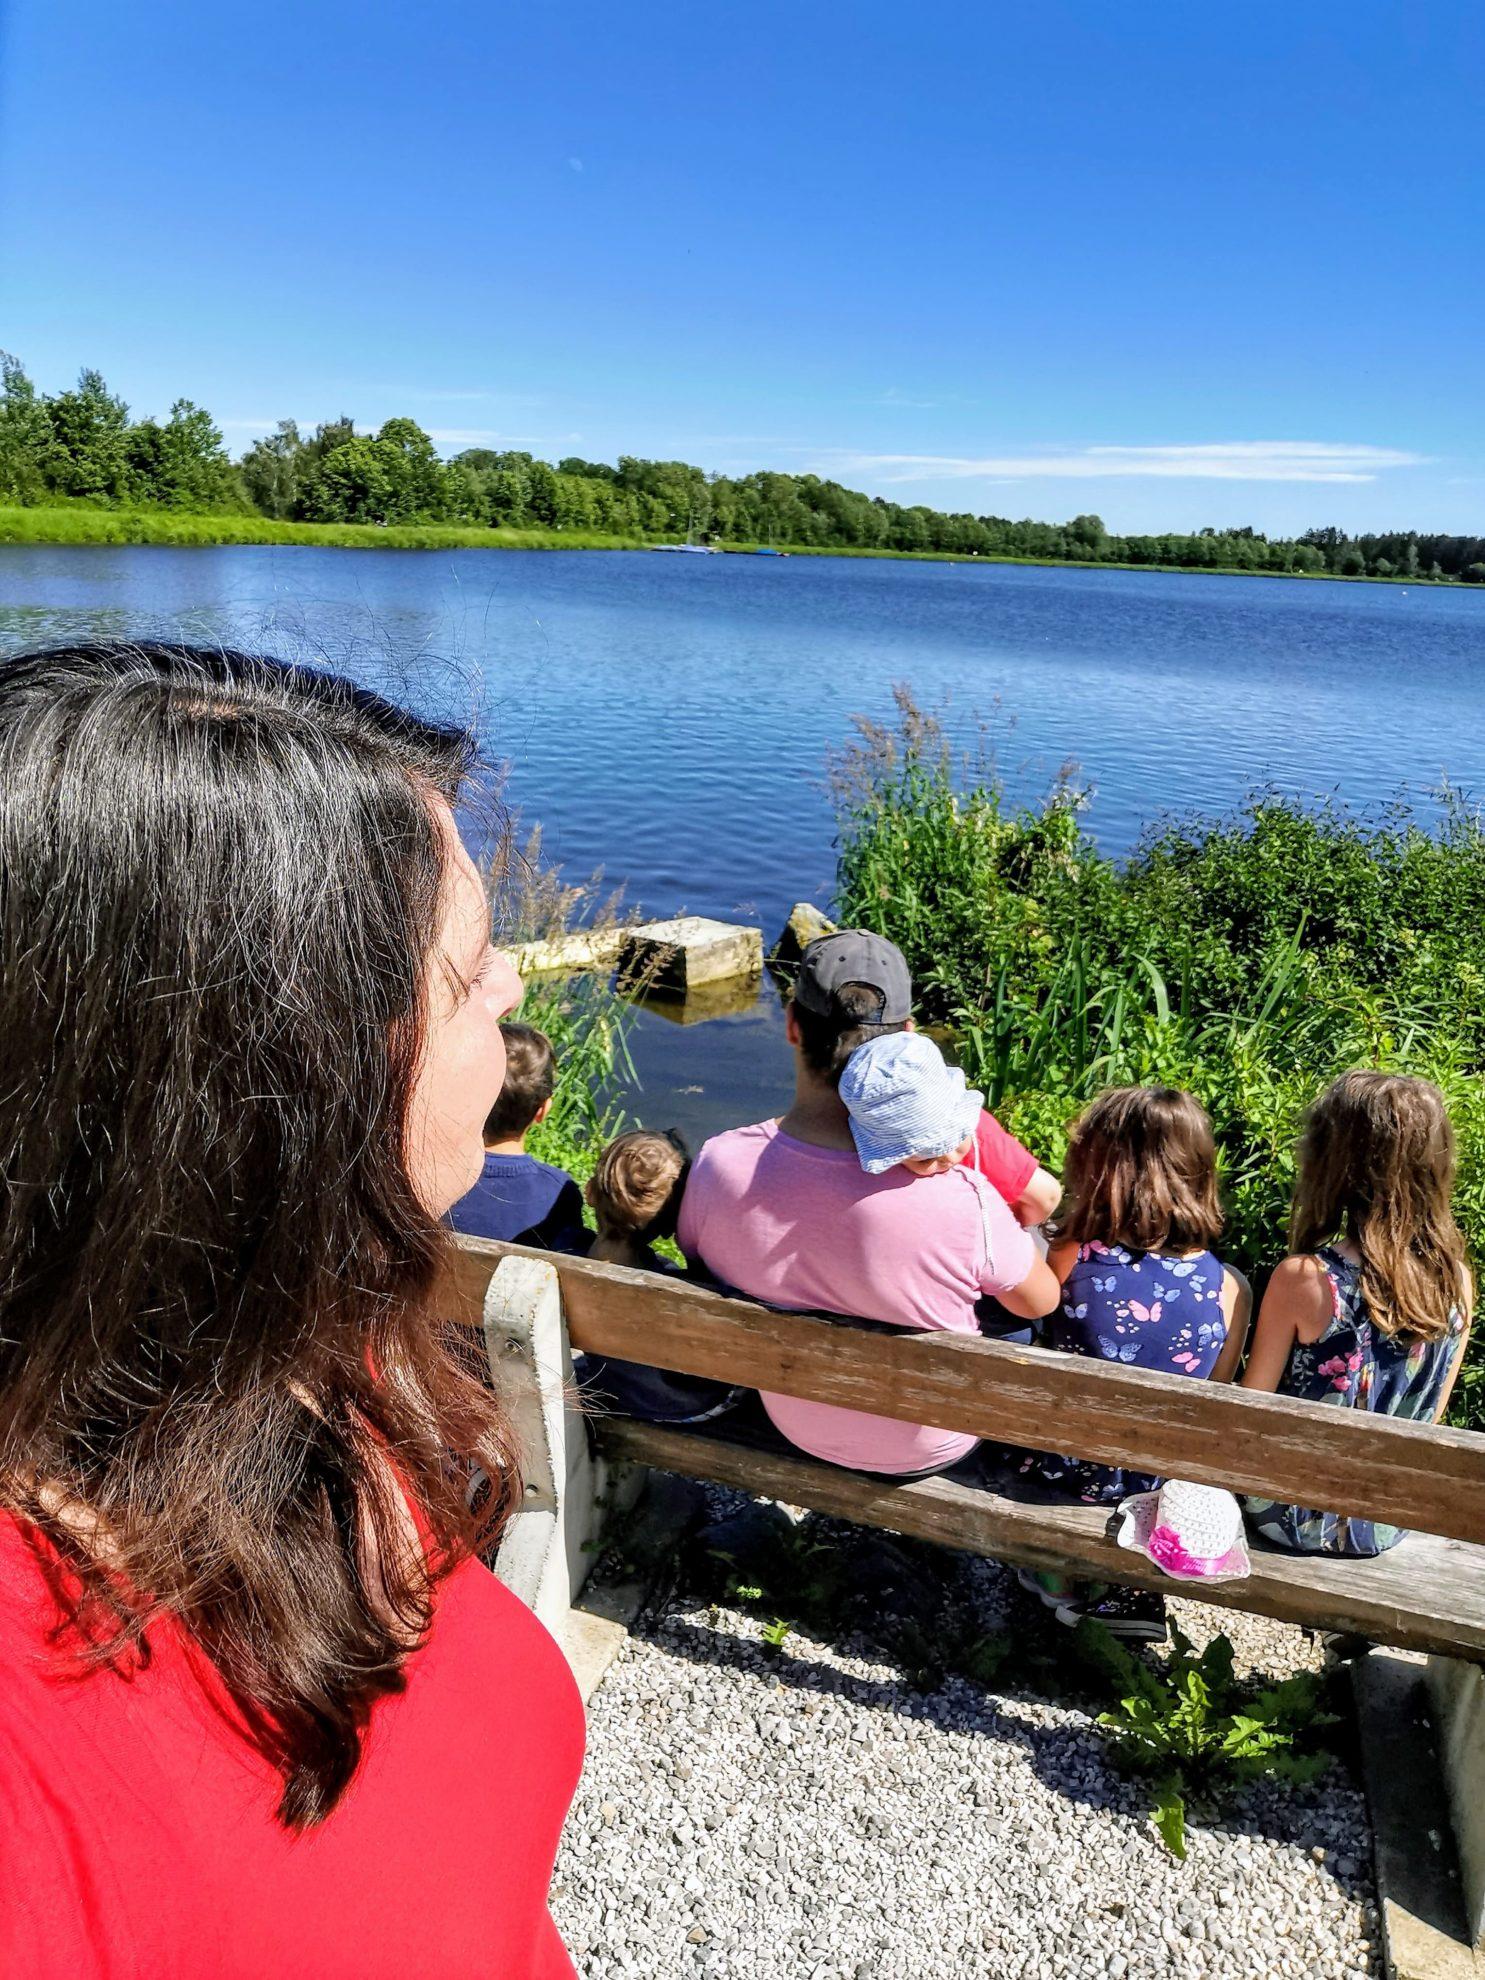 Der Abschluss meiner Ausflugstipps im Unterallgäu ist der Irsinger See.